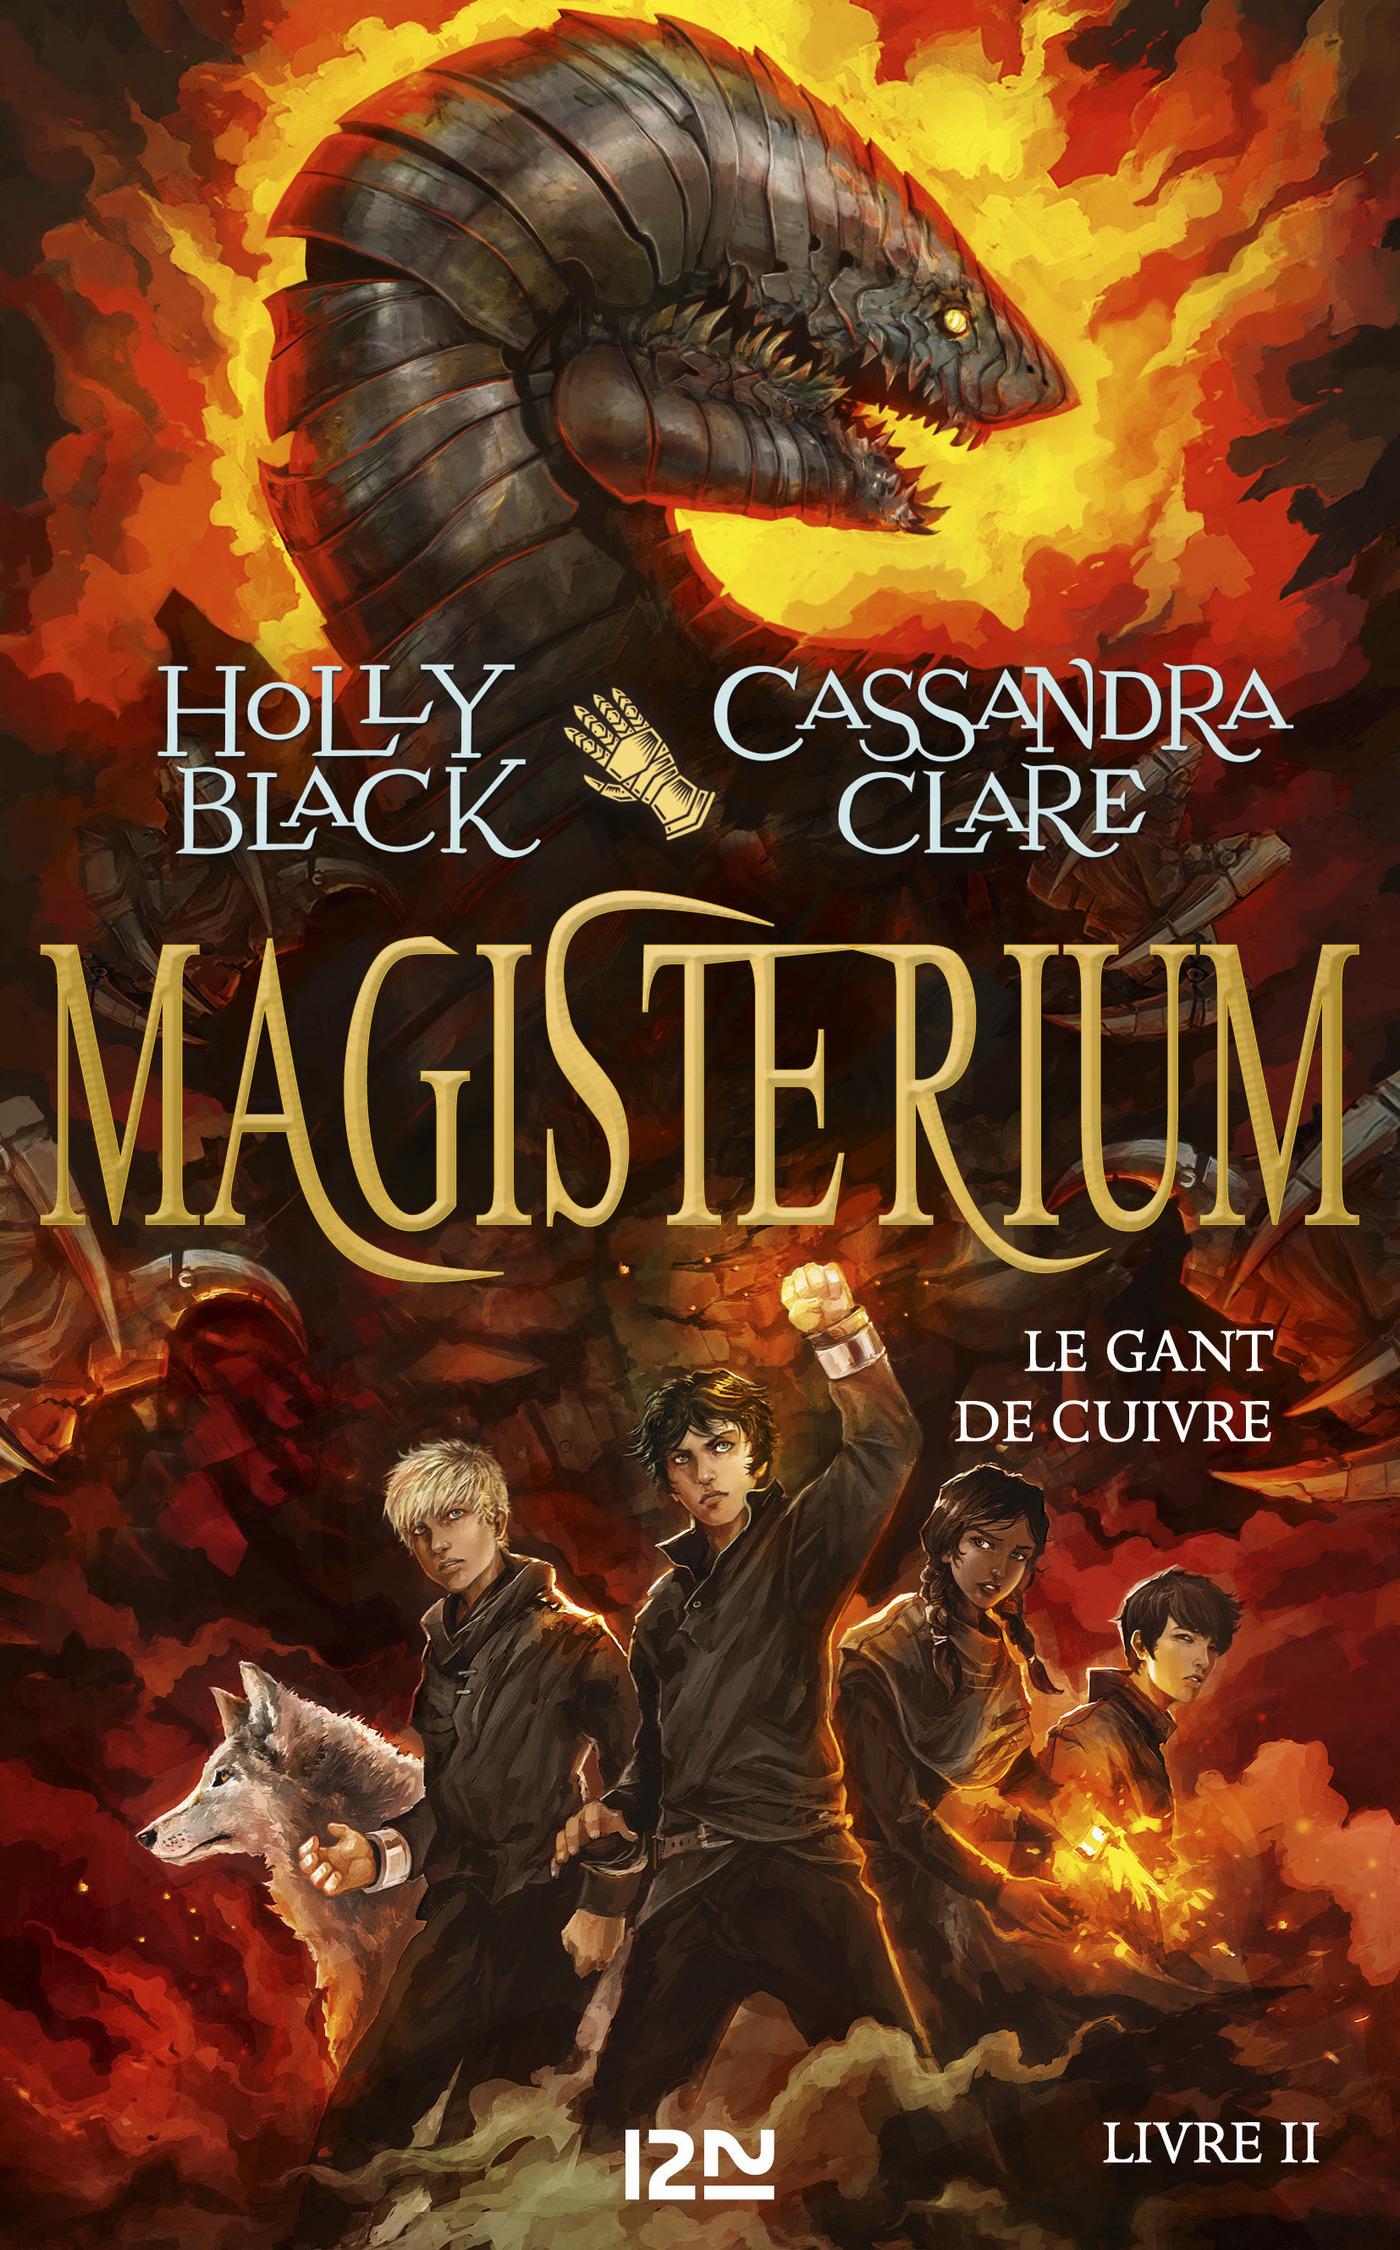 2. Magisterium : Le gant de cuivre (ebook)